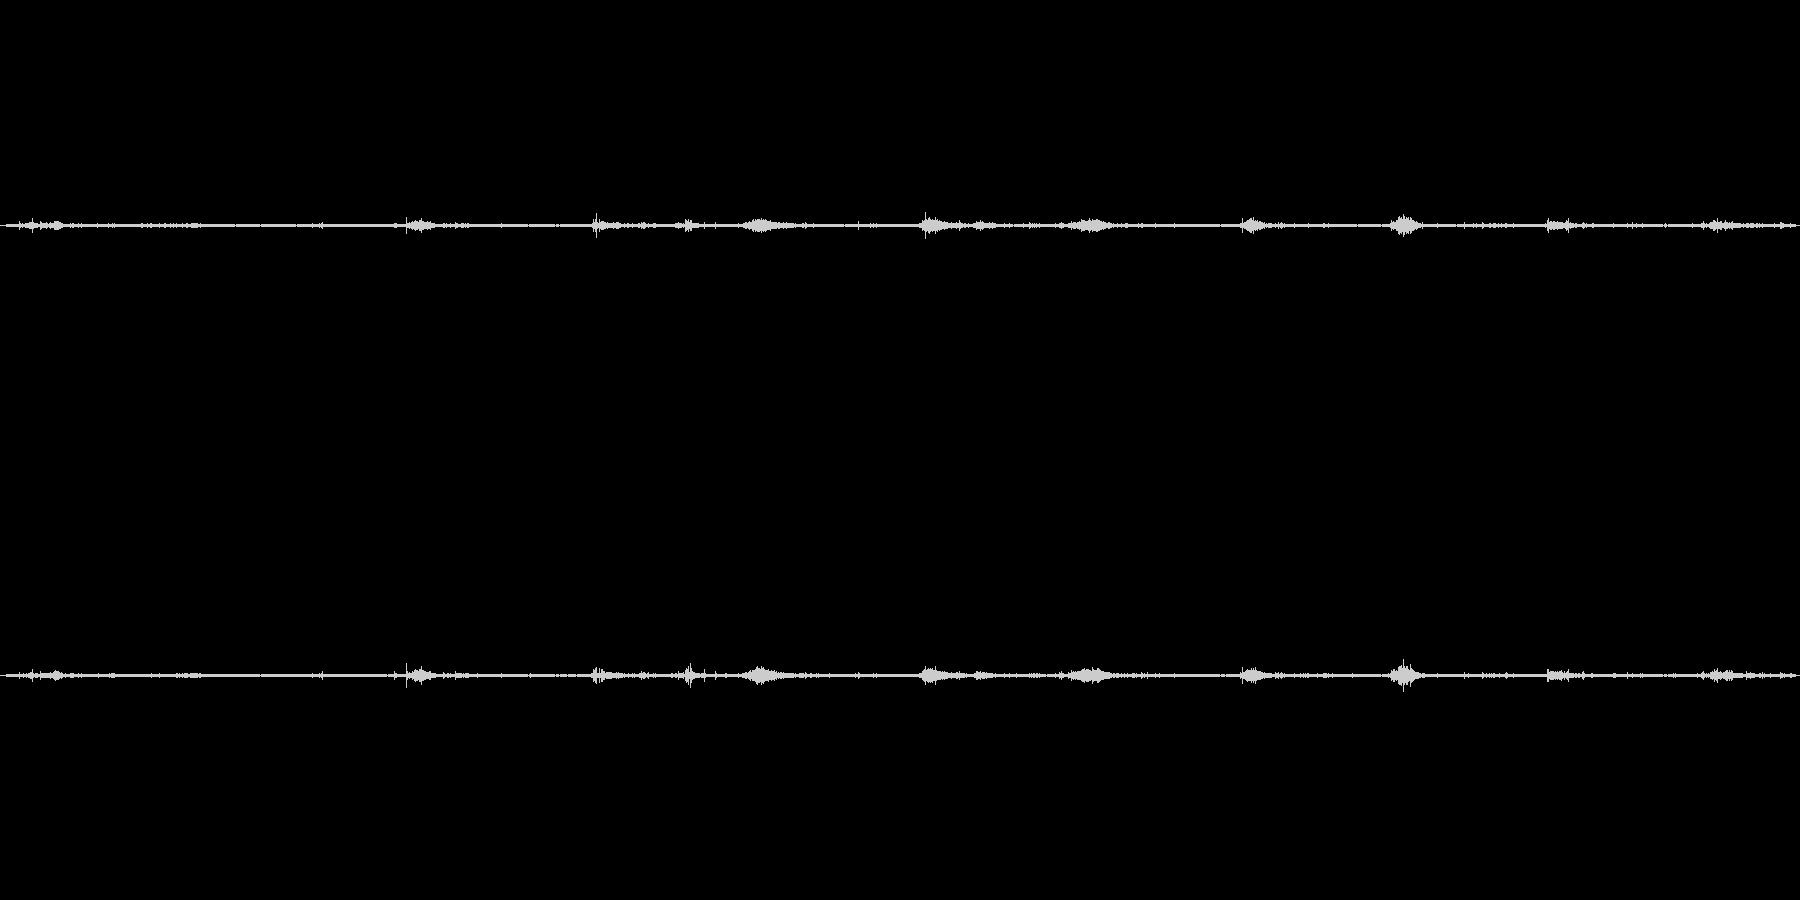 【生音】砂利道の足音(ジャリジャリジャ…の未再生の波形